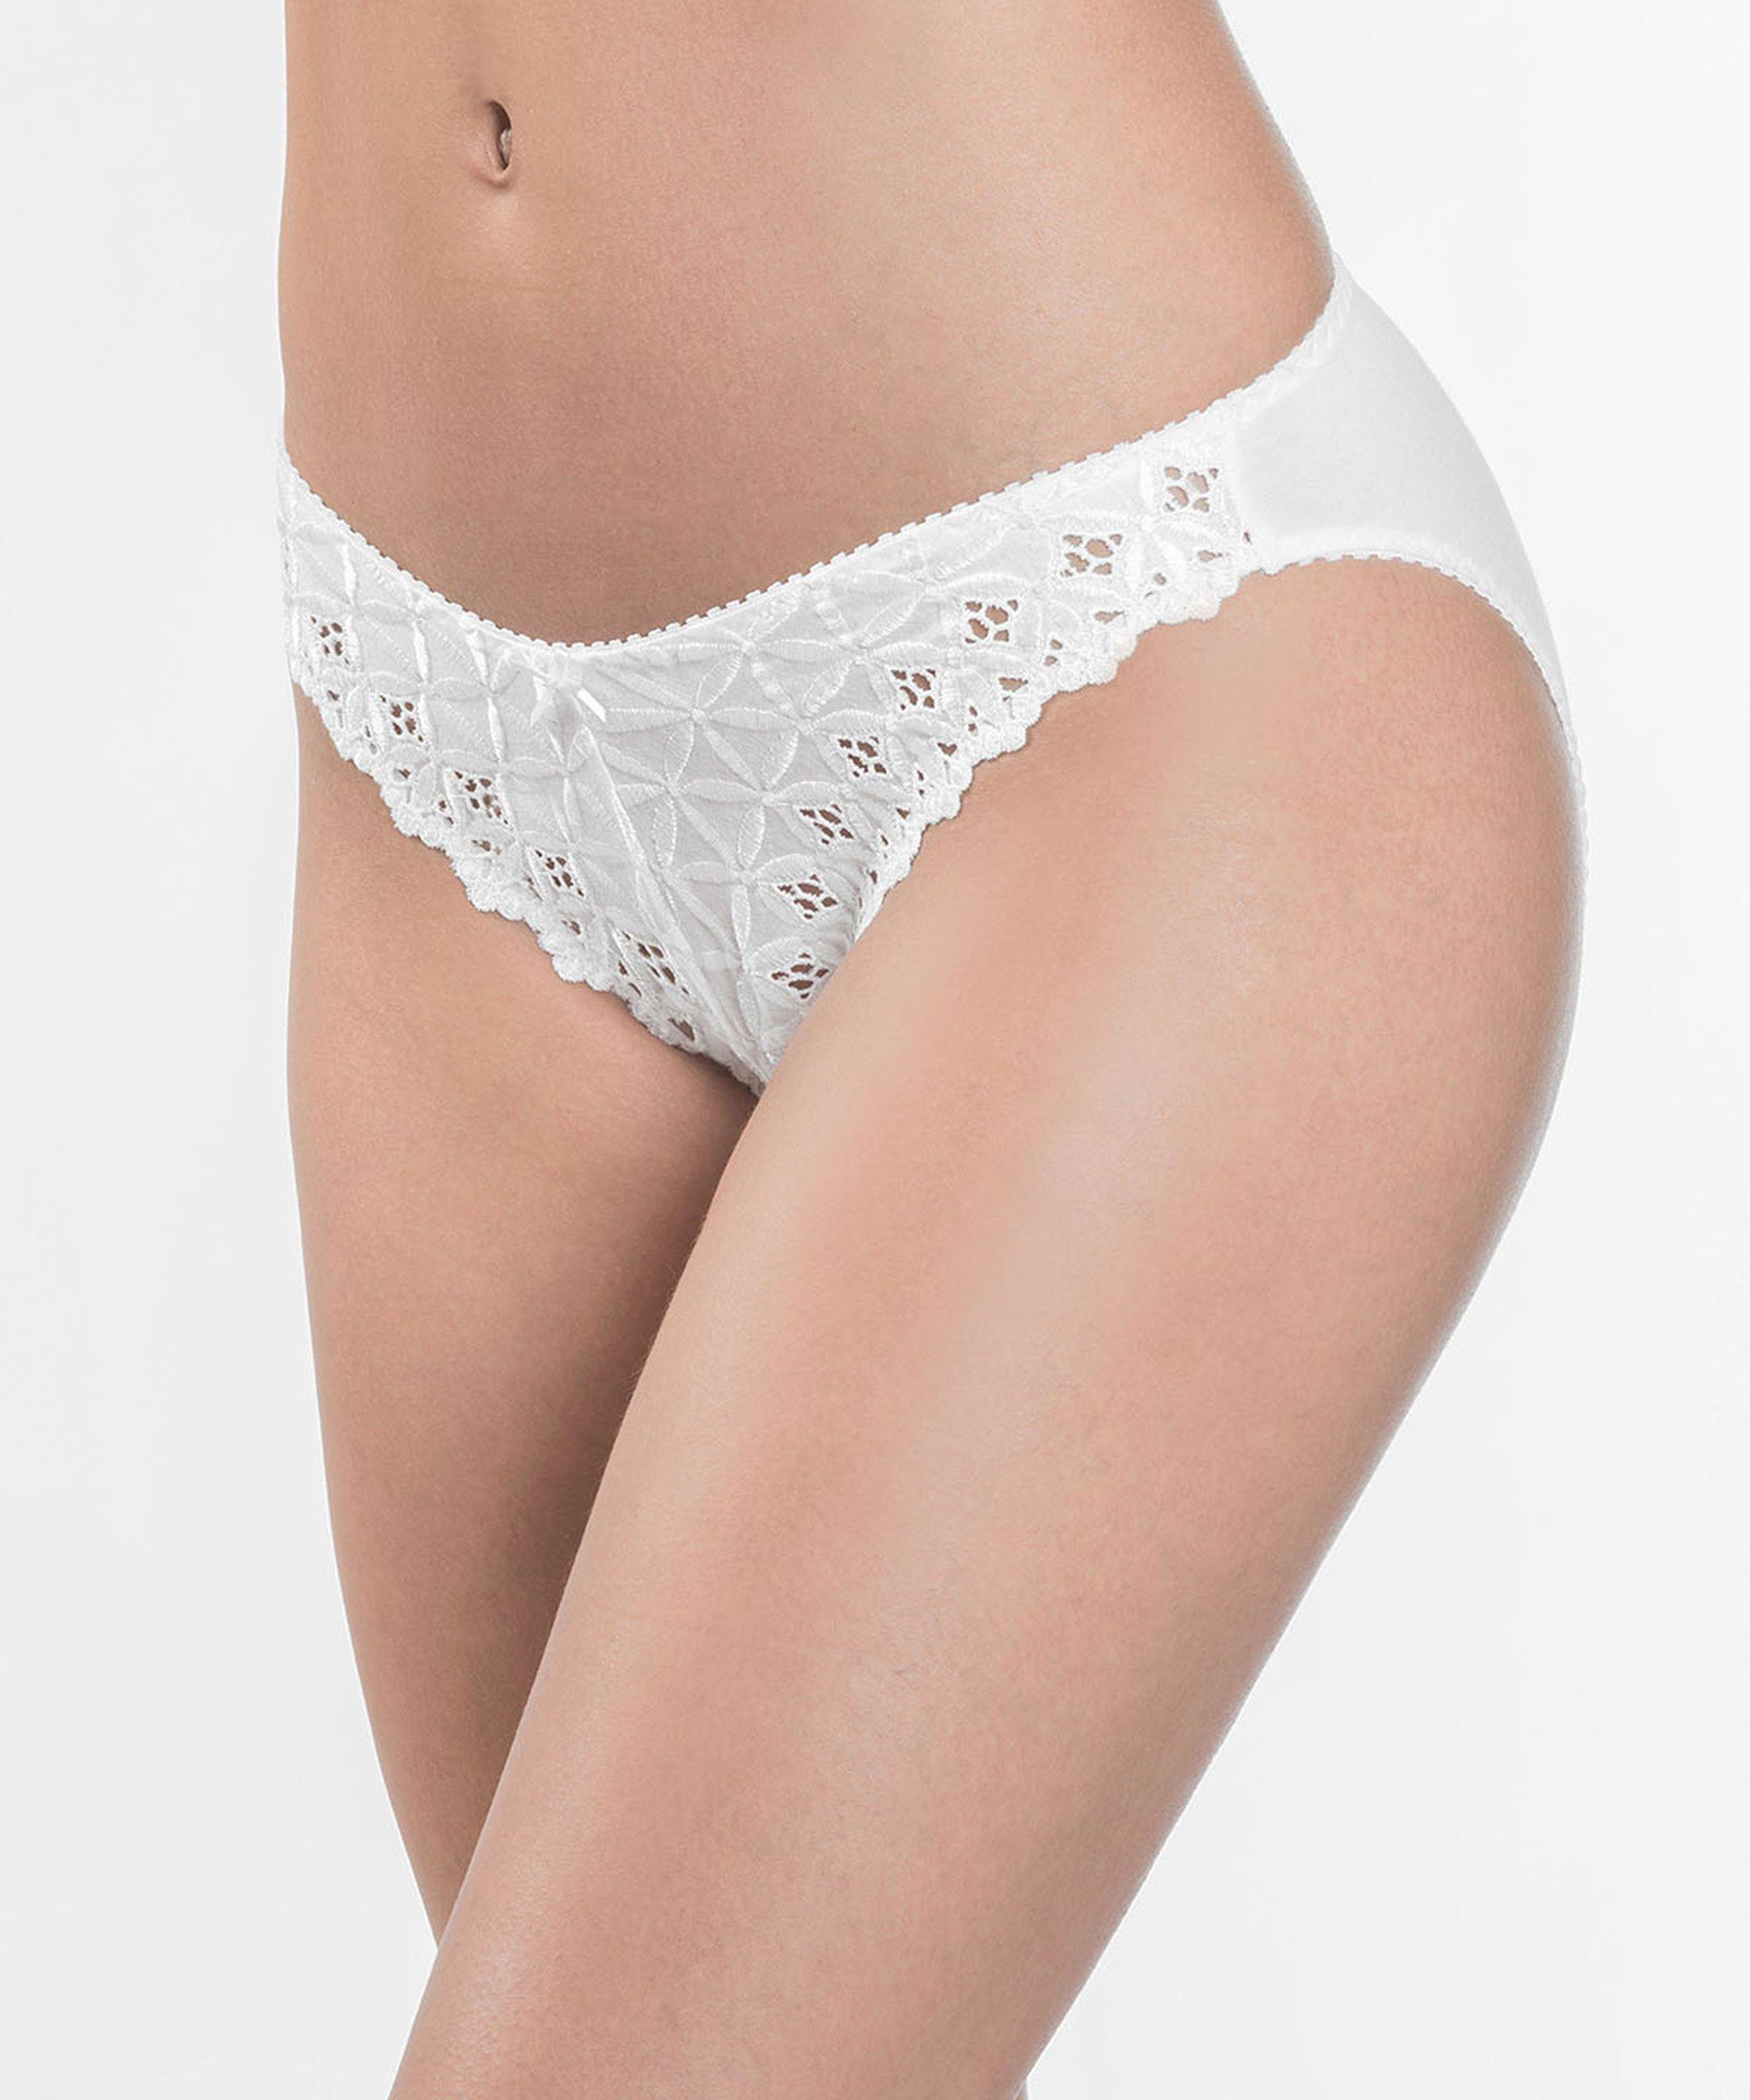 BAHIA Culotte Brésilienne Blanc | Aubade